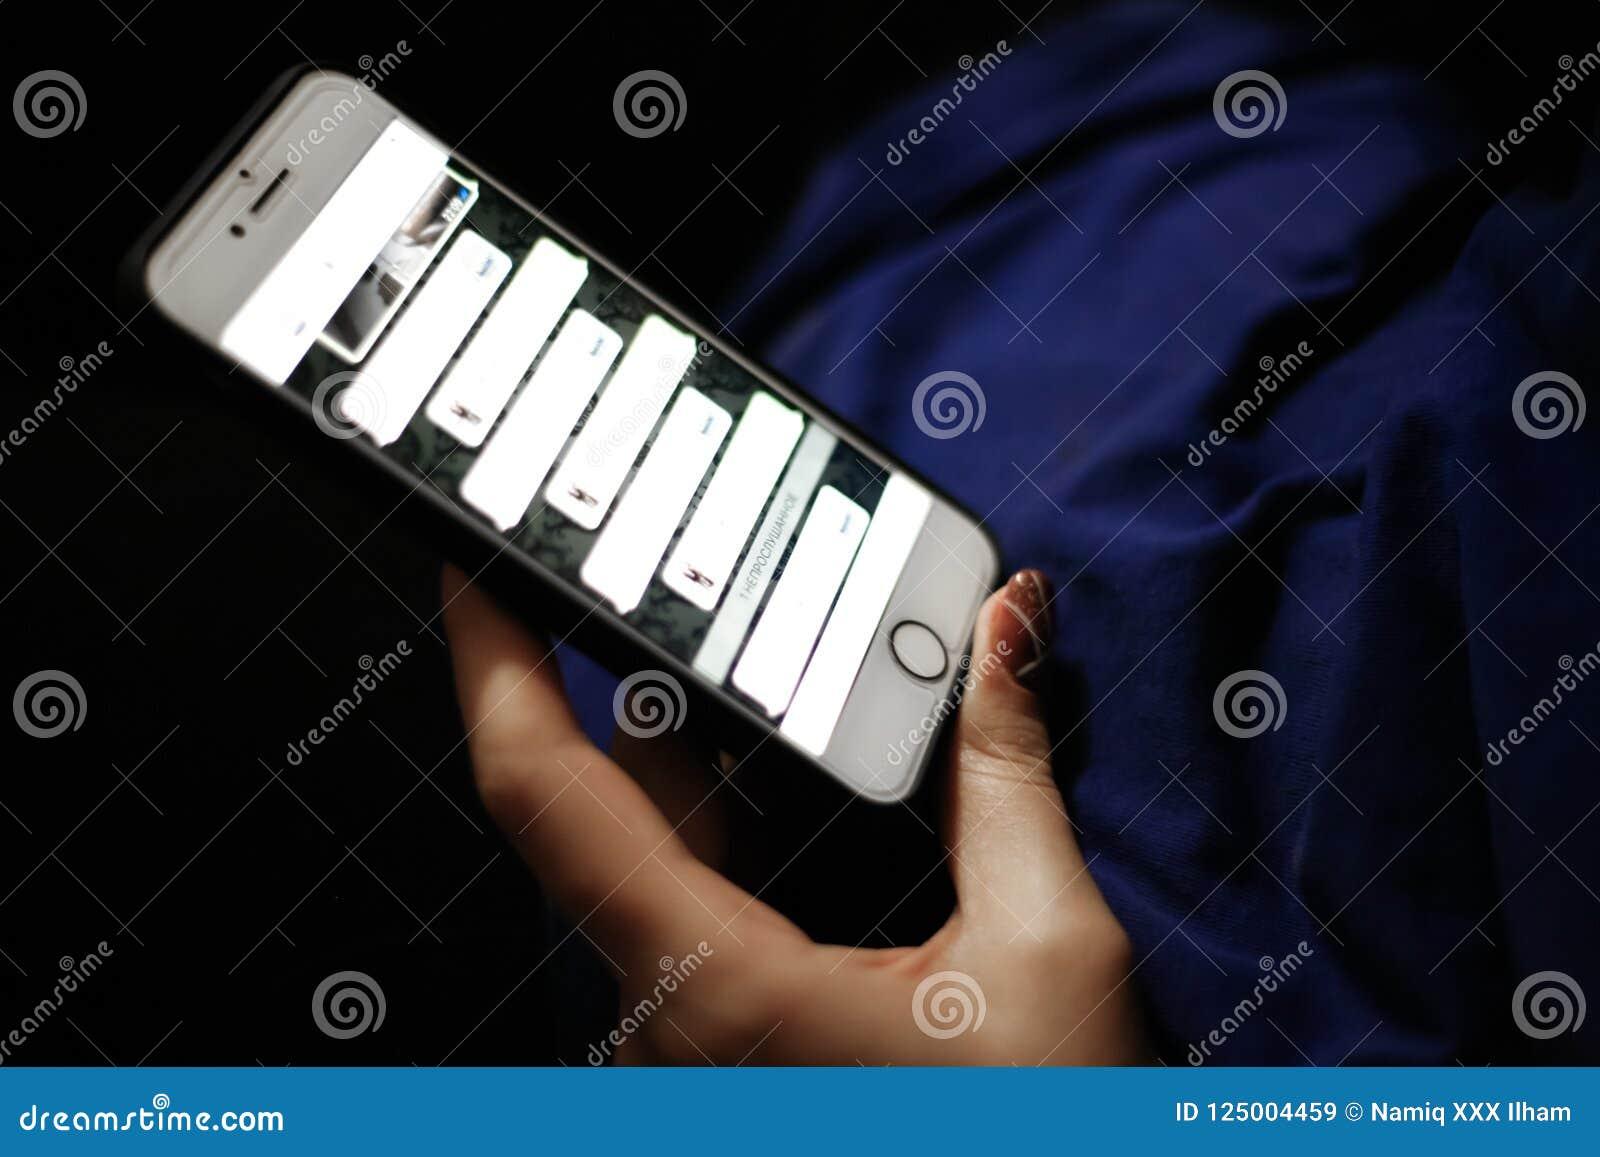 Τηλέφωνο, κοινωνικό δίκτυο αλληλογραφία στα κοινωνικά δίκτυα